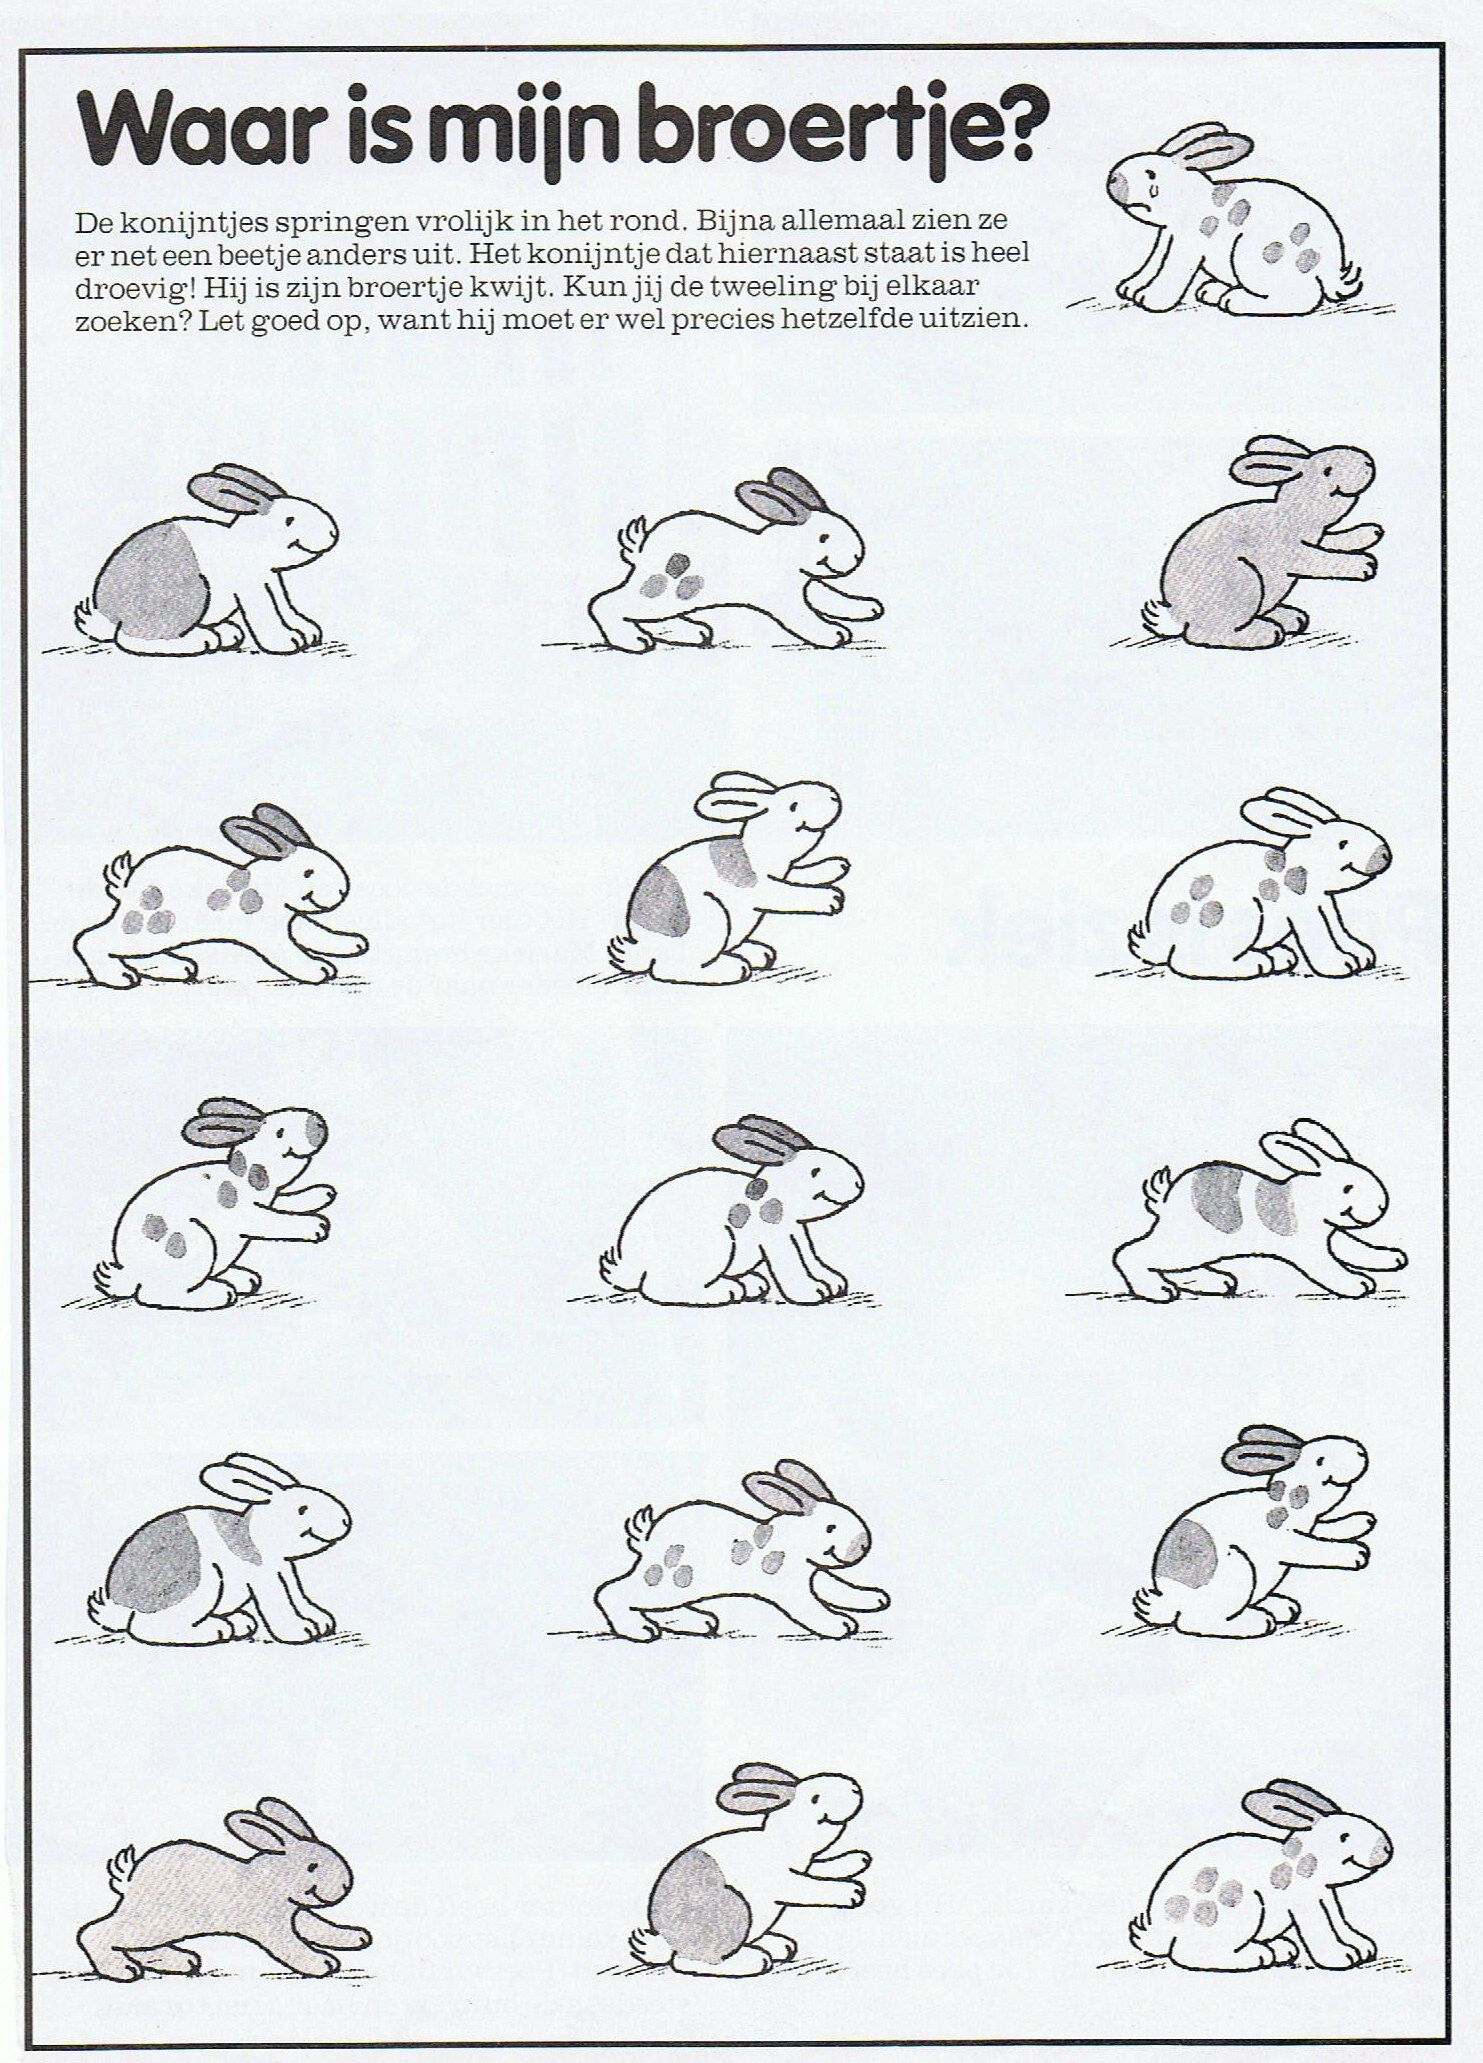 Pin Van Tamara M Op Thema Huisdieren Huisdieren Thema Konijn